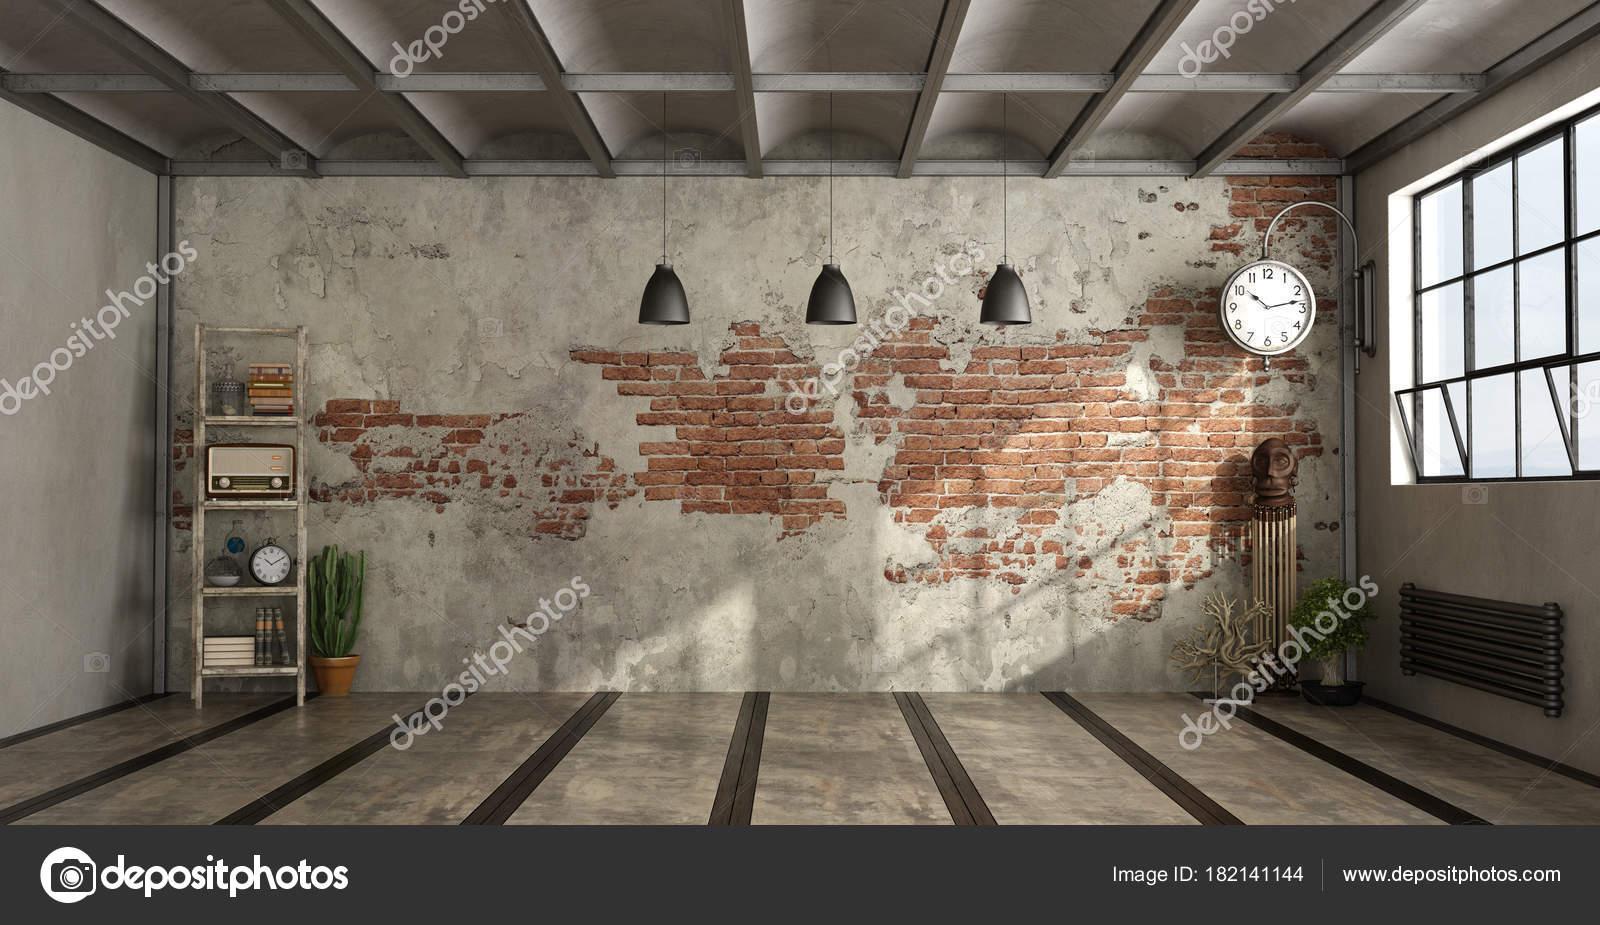 Lege woonkamer in industri le stijl stockfoto for Industriele stijl